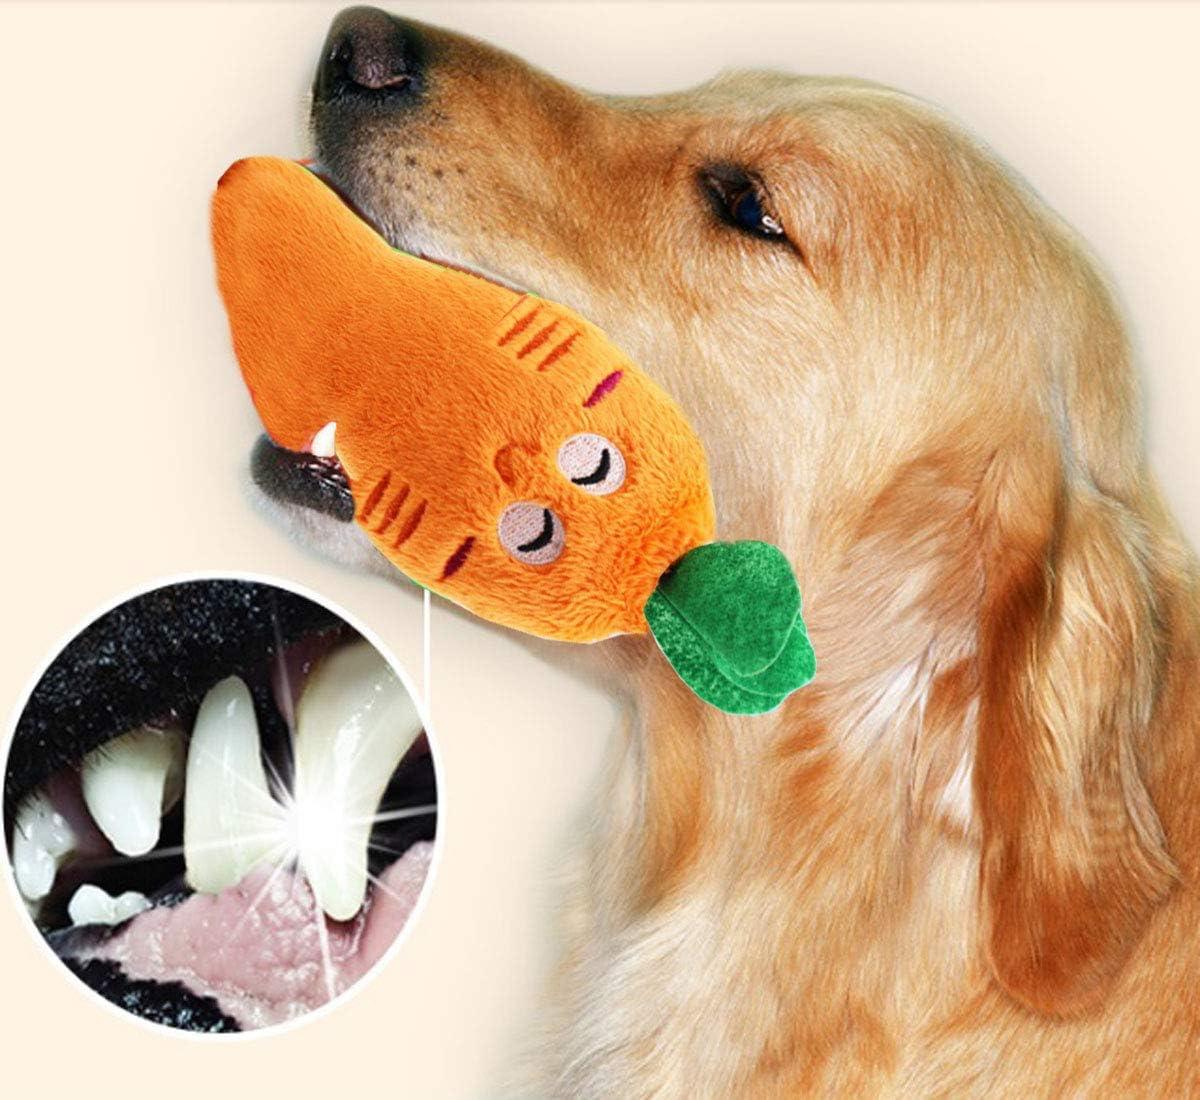 con Bolsa para Almacenamiento Diferentes formas de Frutitas 14 Piezas de Juguetes que Hacen Ruidos para Perros Peque/ños Juguetes Divertidos para Morder para Mascotas Animales Verduras Huesos